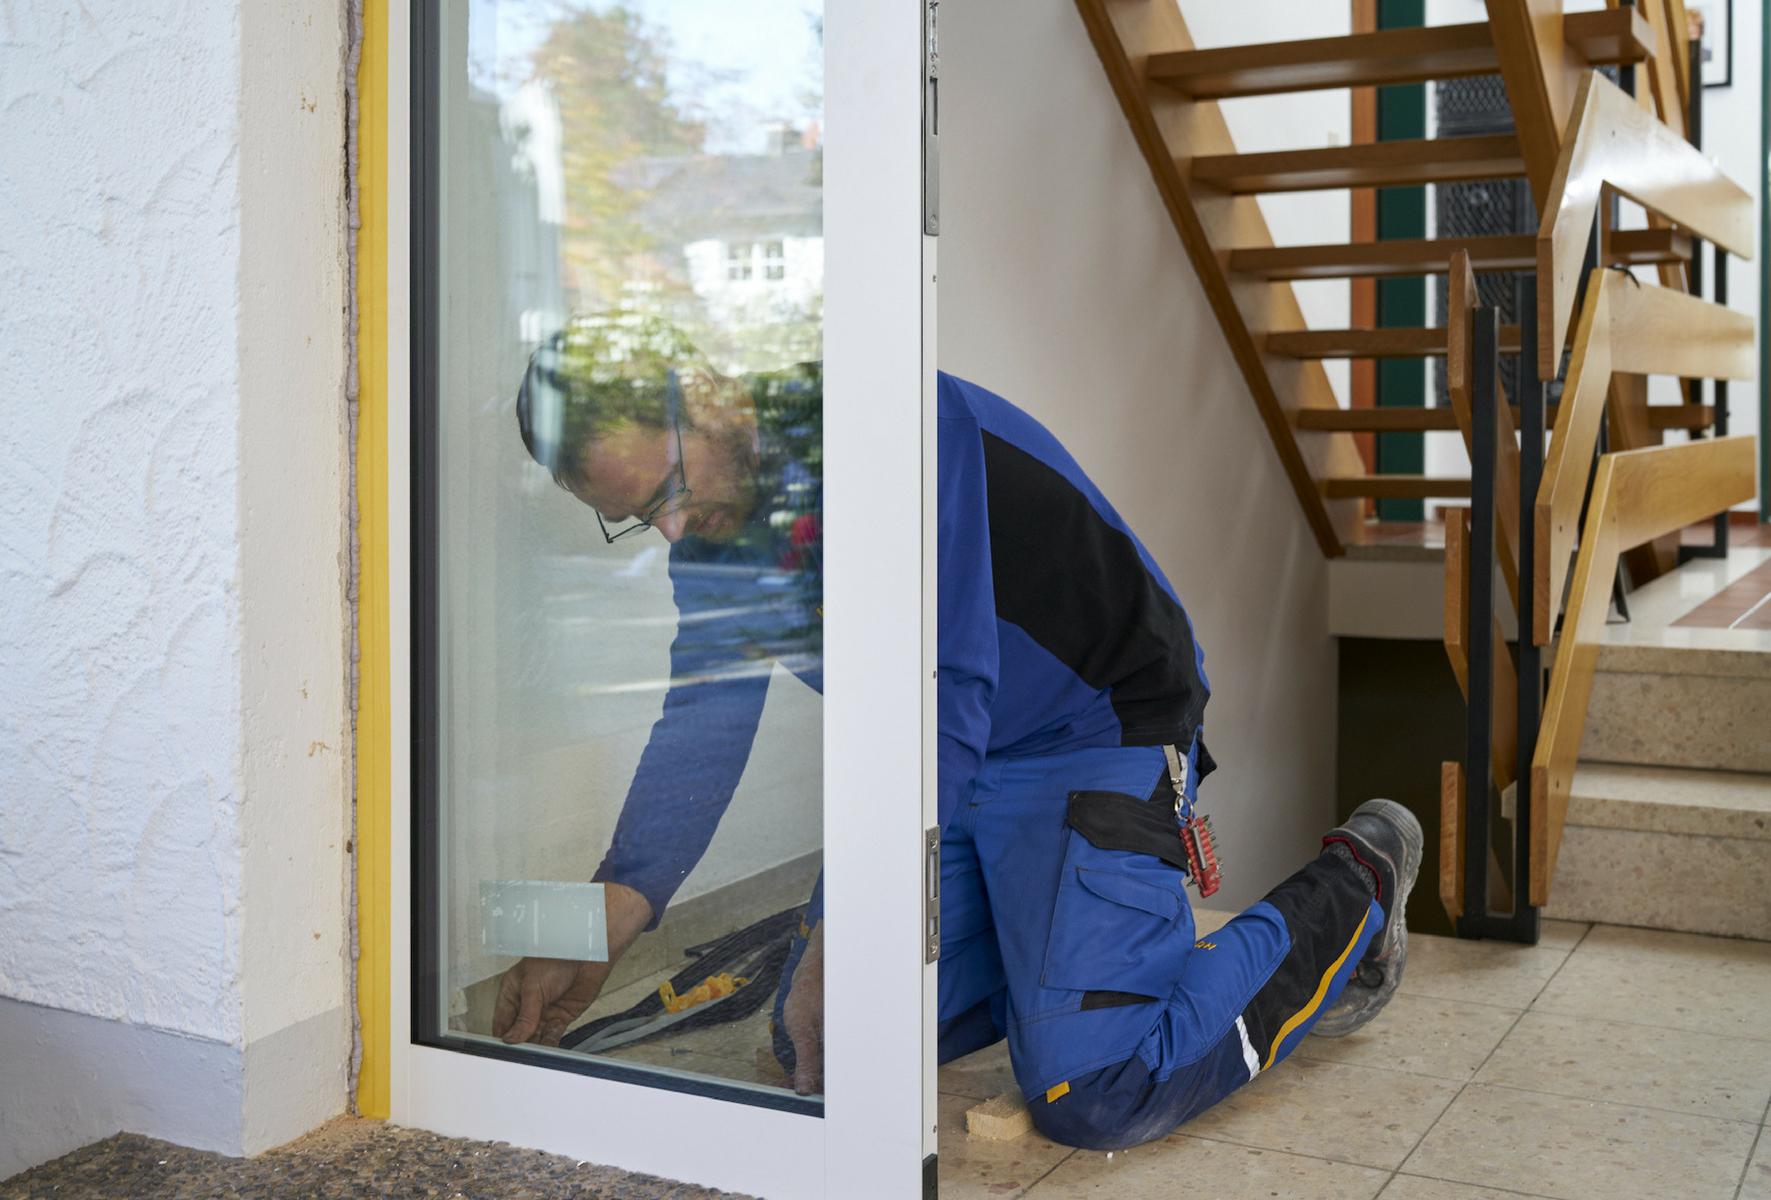 Sehr Haustür tauschen: Kinderleicht mit Hilfe vom Fachmann QT57